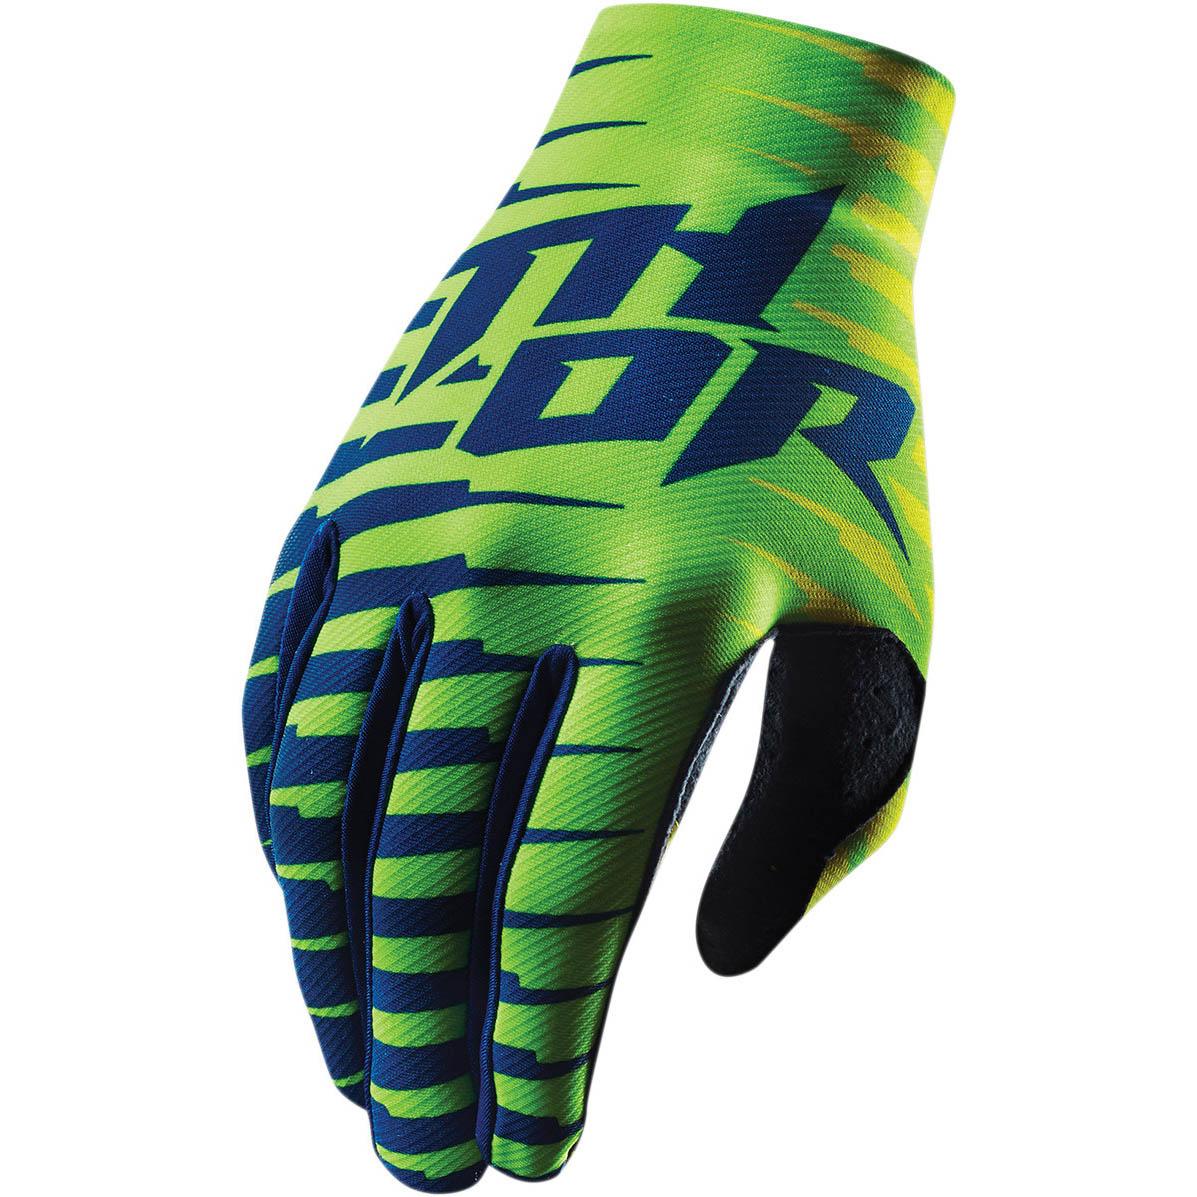 Thor - Void Plus Rift Lime перчатки, зеленые